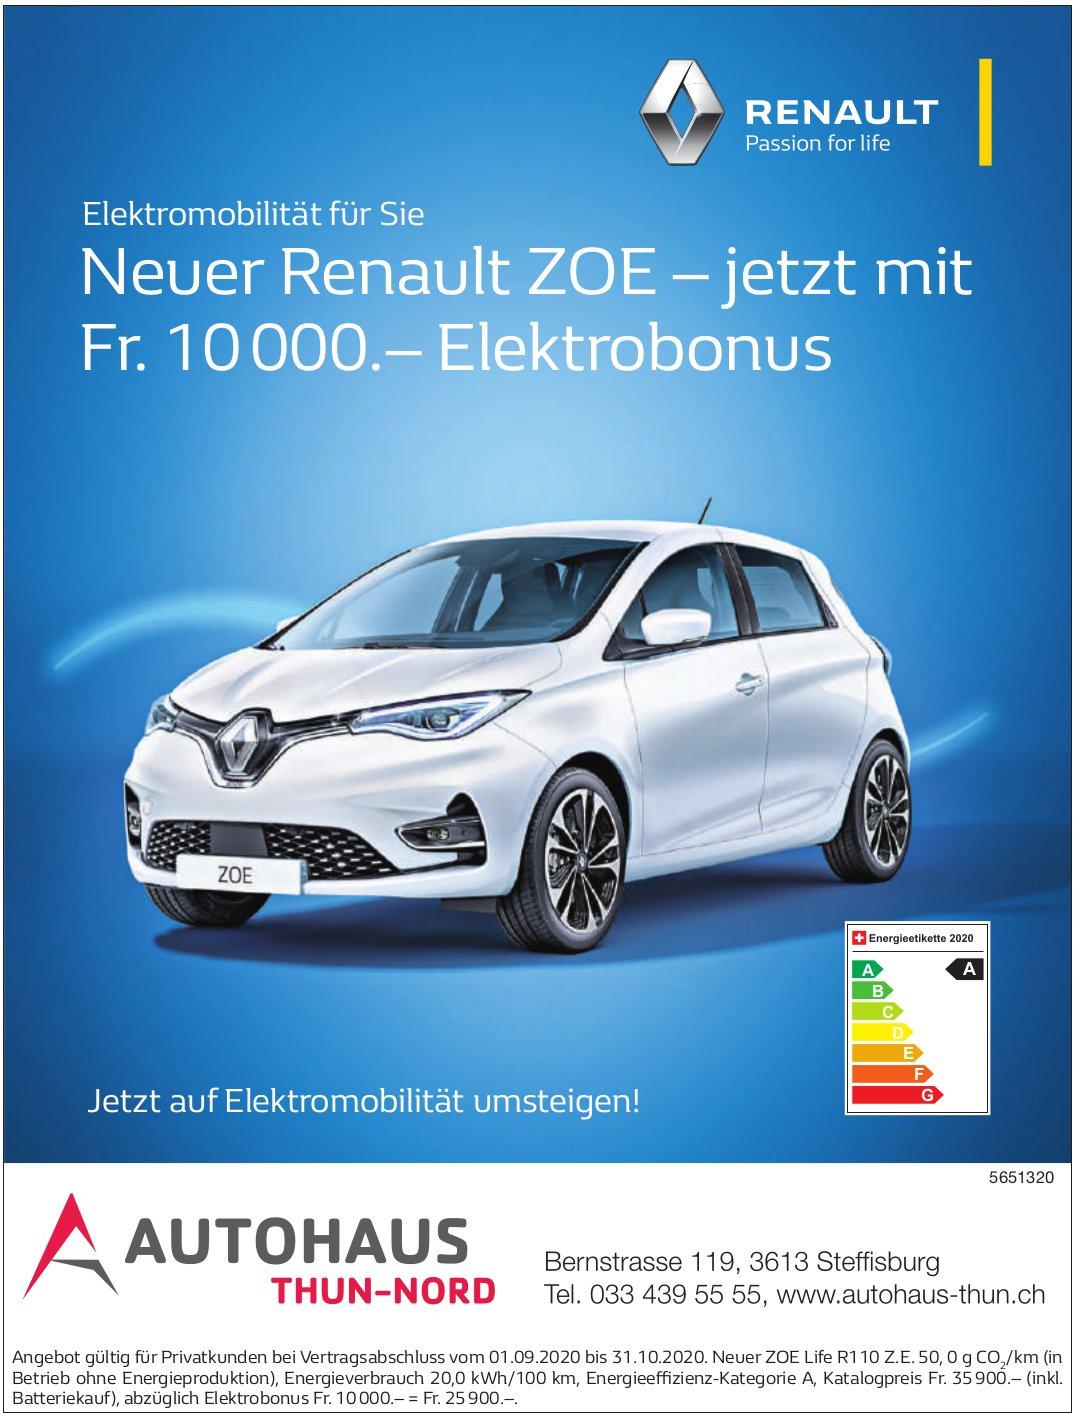 Autohaus-Thun, Steffisburg - Neuer Renault Zoe – jetzt mit Fr. 10 000.– Elektrobonus